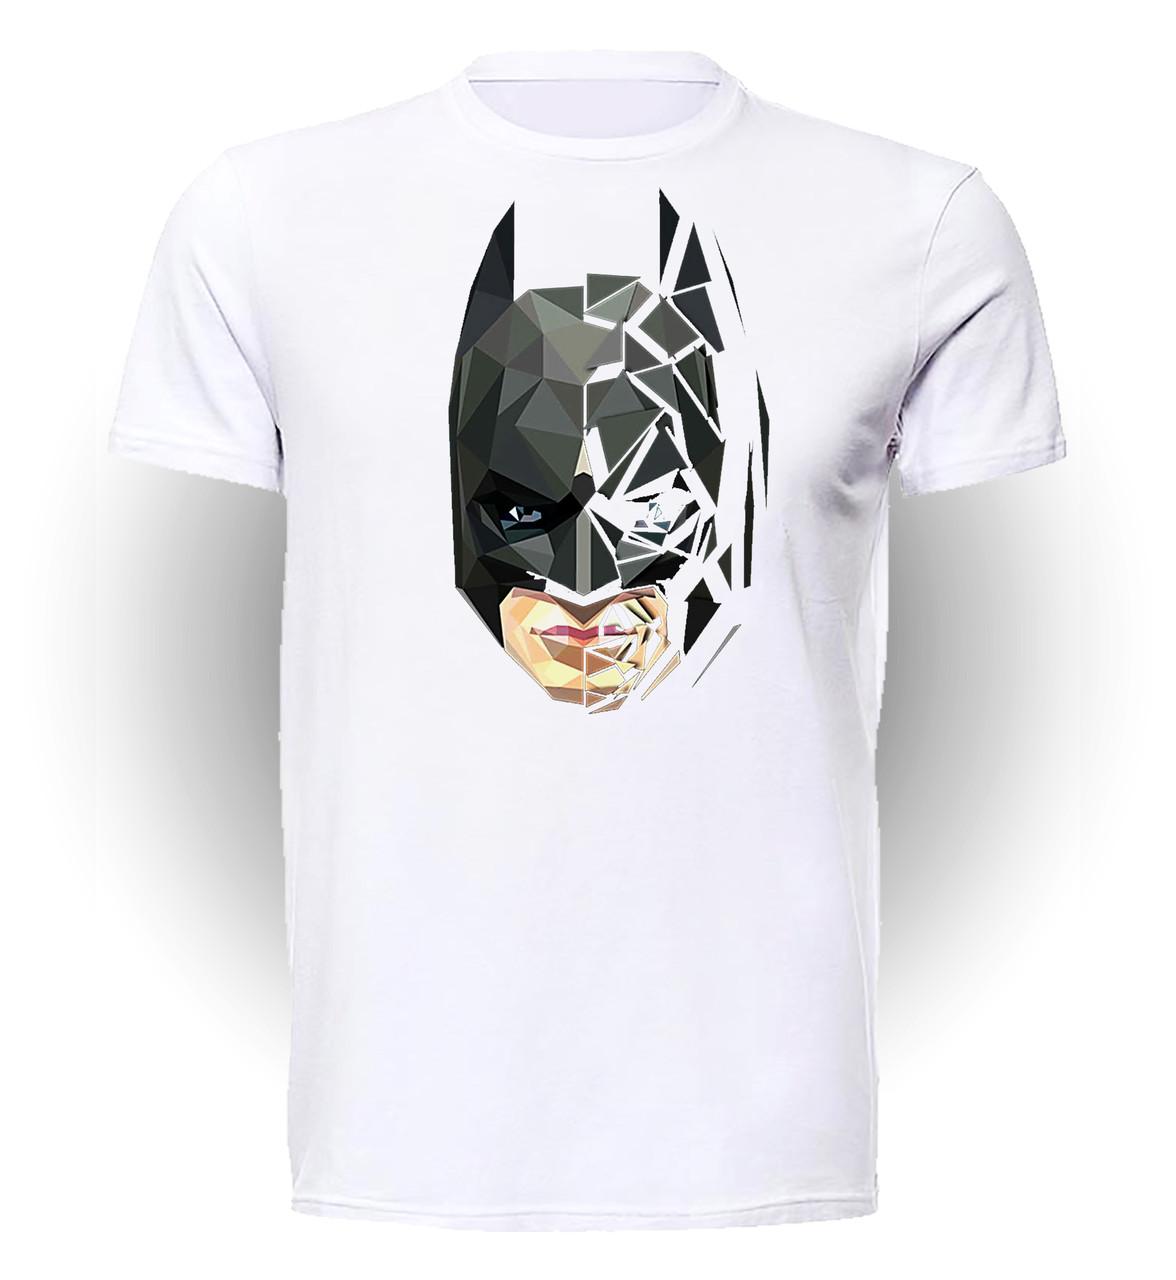 Футболка GeekLand Бэтмен Batman glass BM.01.025